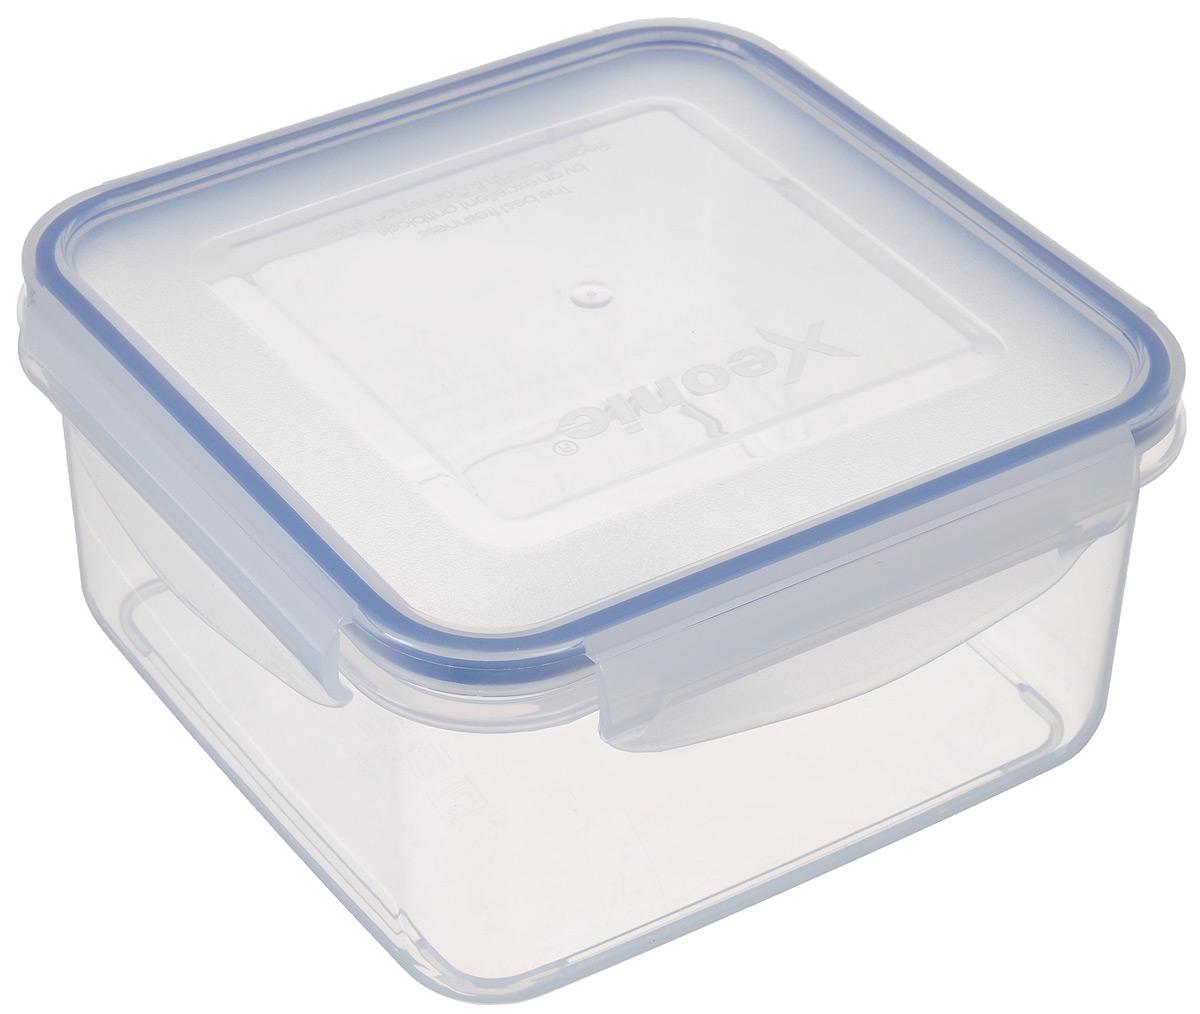 Контейнер пищевой Xeonic, 1,4 л810001Герметичный контейнер для хранения продуктов Xeonic произведен из высококачественного полипропилена. Изделие термоустойчиво, может быть использовано в микроволновой печи и в морозильной камере, устойчиво к воздействию масел и жиров, не впитывает запах. Контейнер удобен в использовании, долговечен, легко открывается и закрывается. Герметичность обеспечивается четырьмя защелками и силиконовой прослойкой на крышке. Контейнер компактен и не займет много места.Можно мыть в посудомоечной машине.